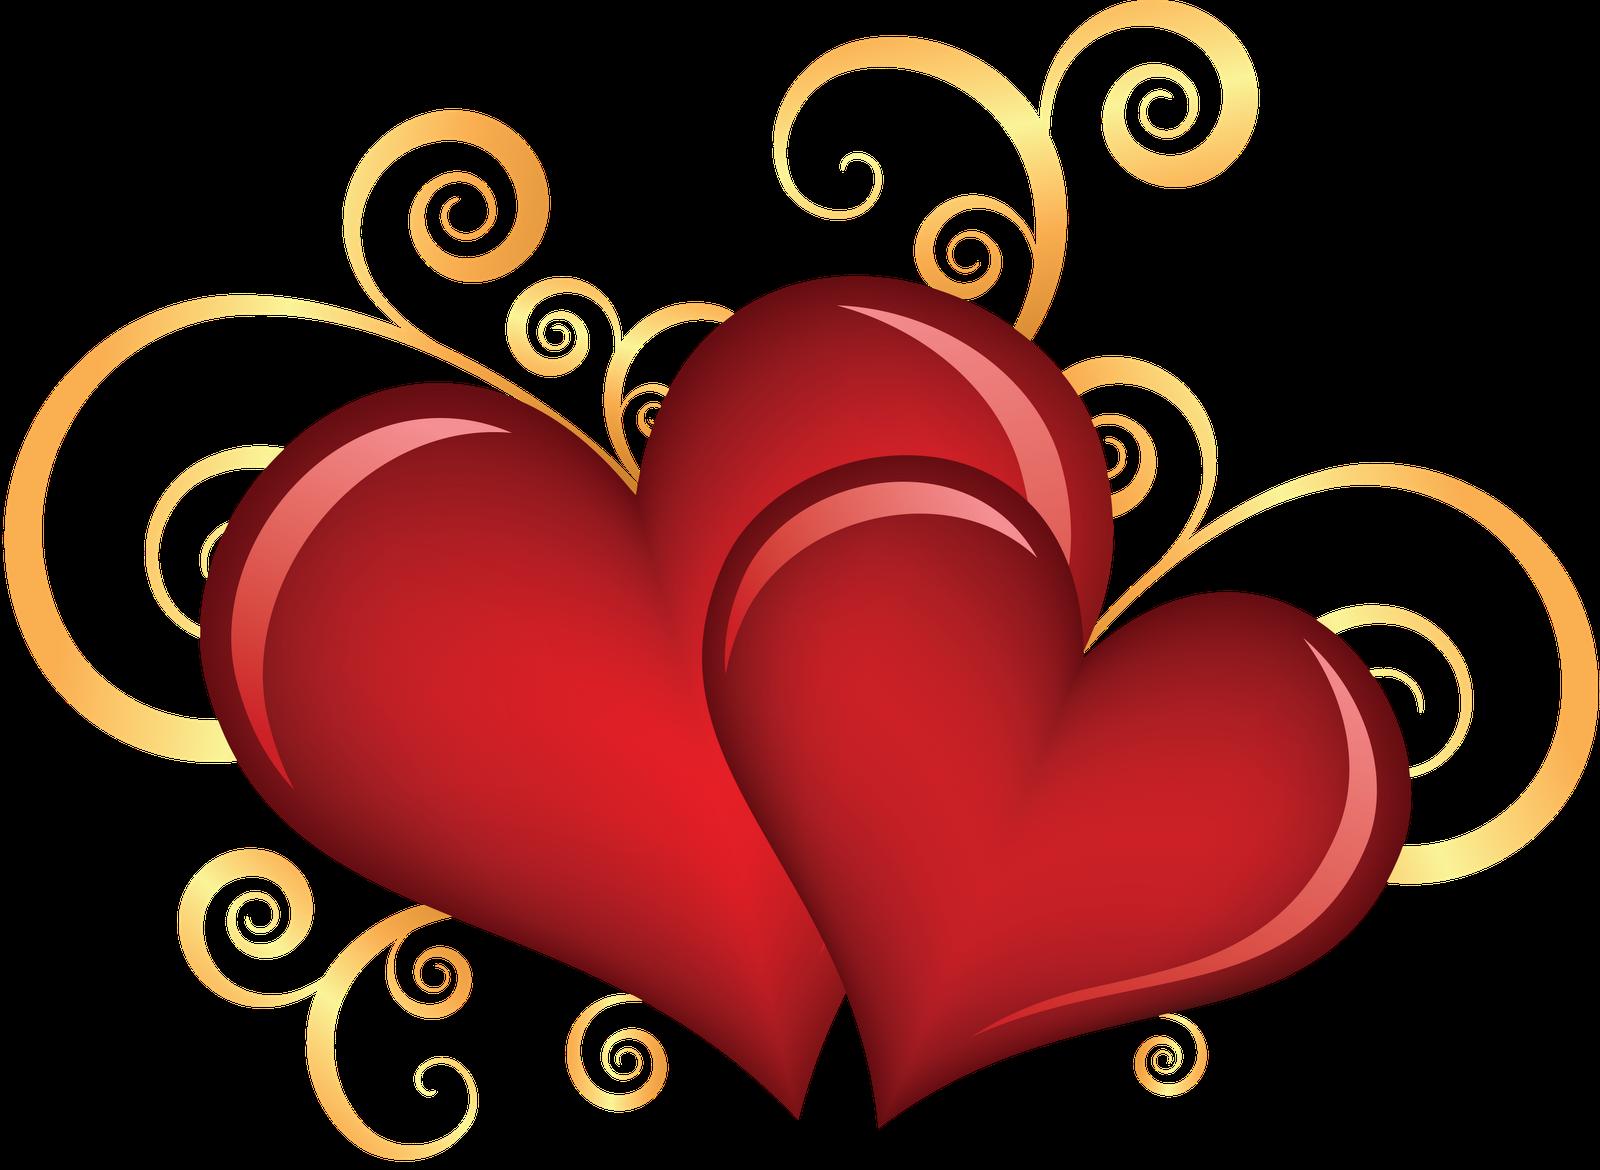 imagen de corazon - HD1600×1170